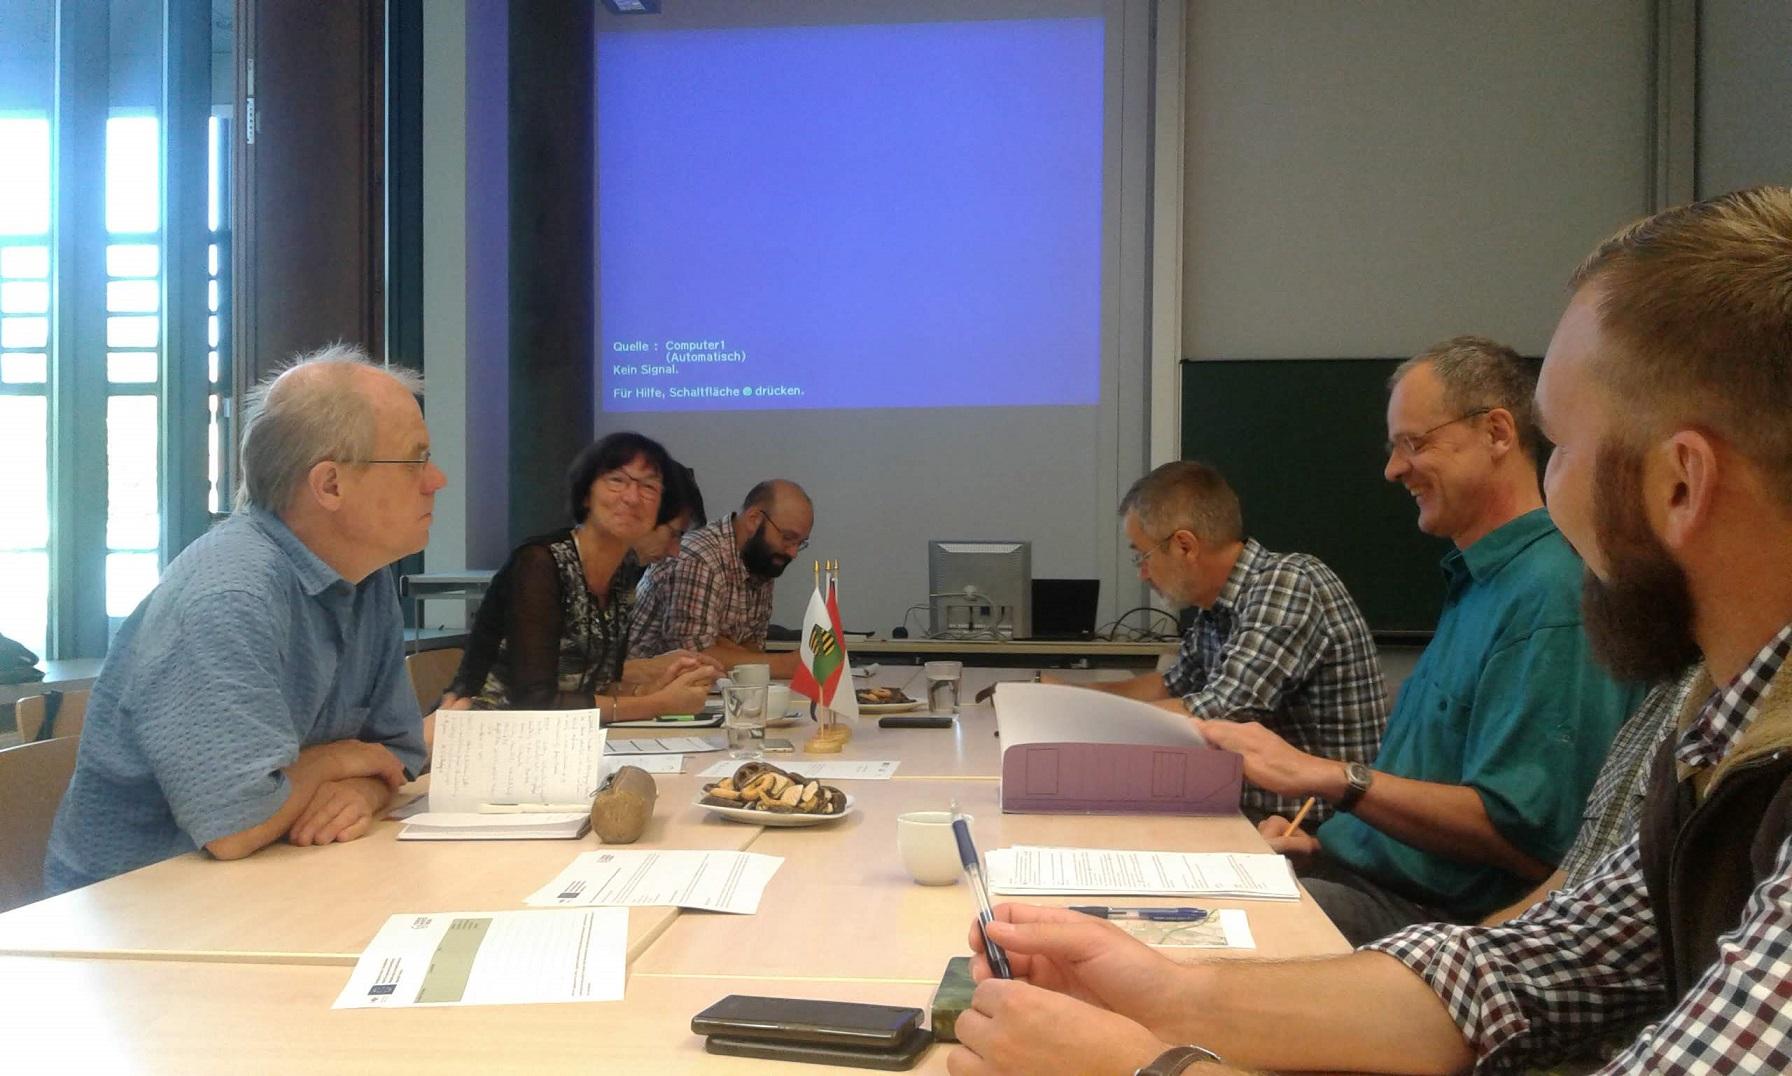 Pracovní setkání projektových partnerů v Drážďanech 4. září 2019, autor Ondřej Volf